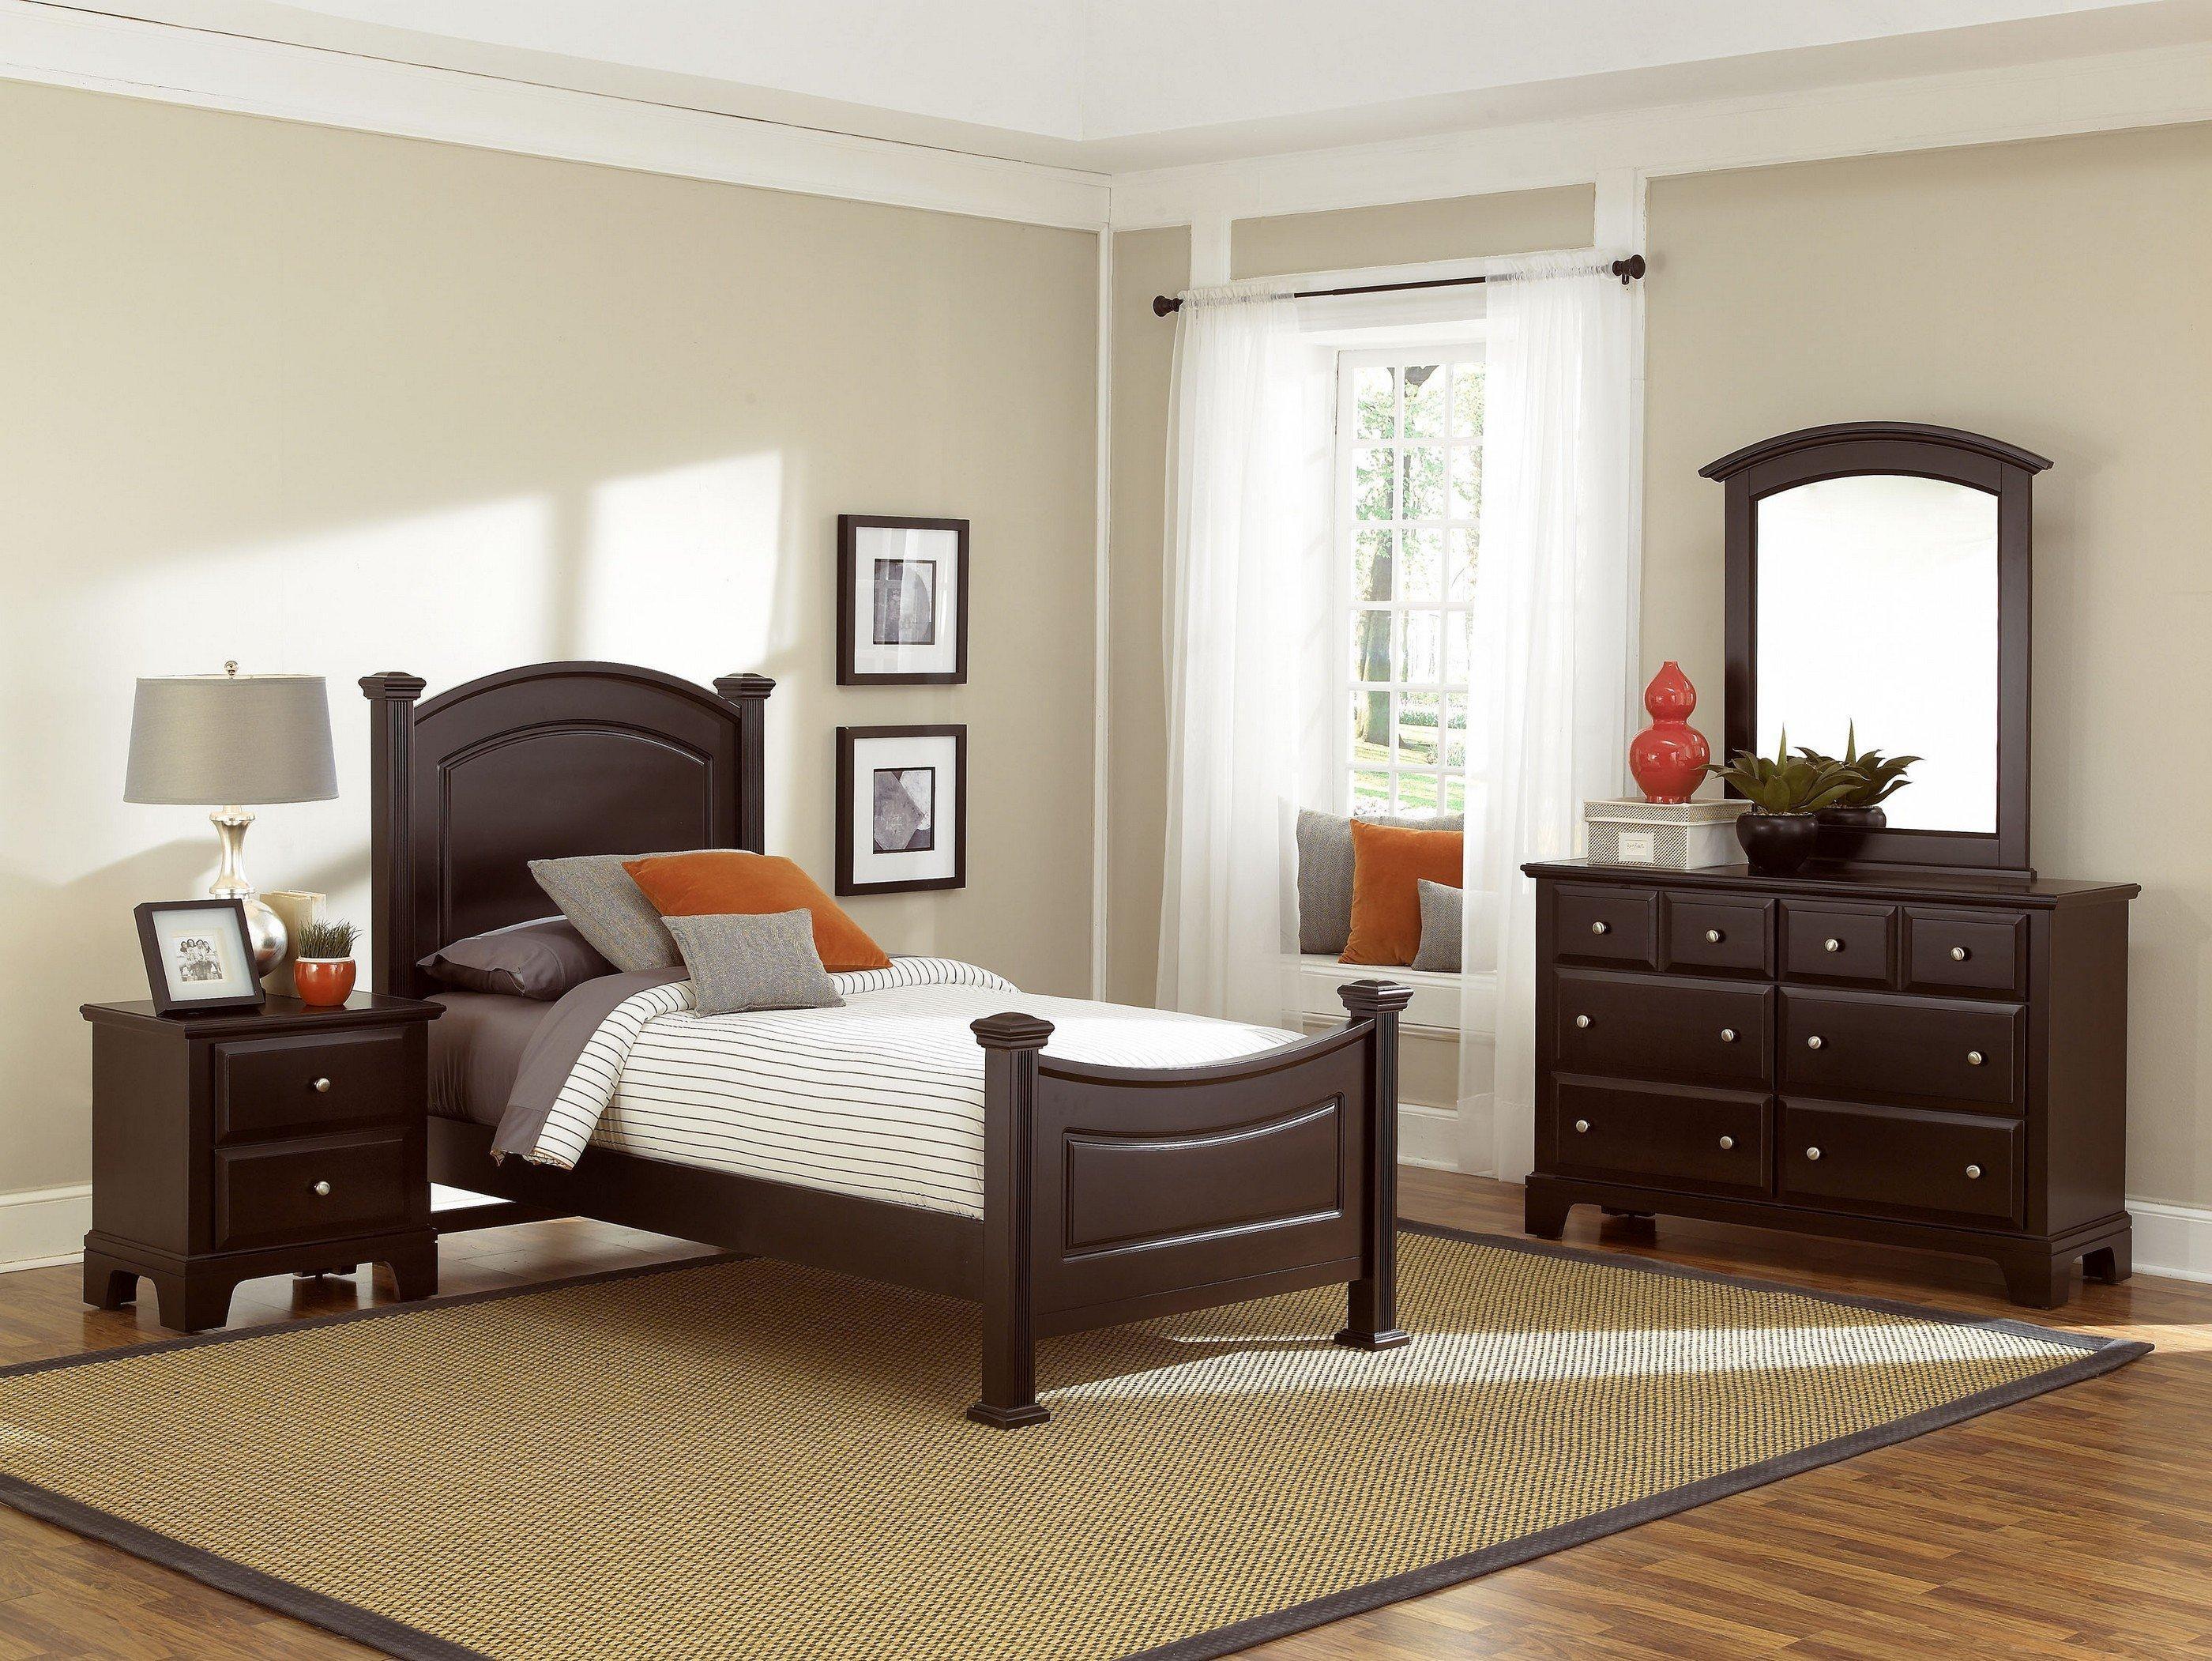 home bedroom groups vaughan bassett hamilton franklin twin bedroom